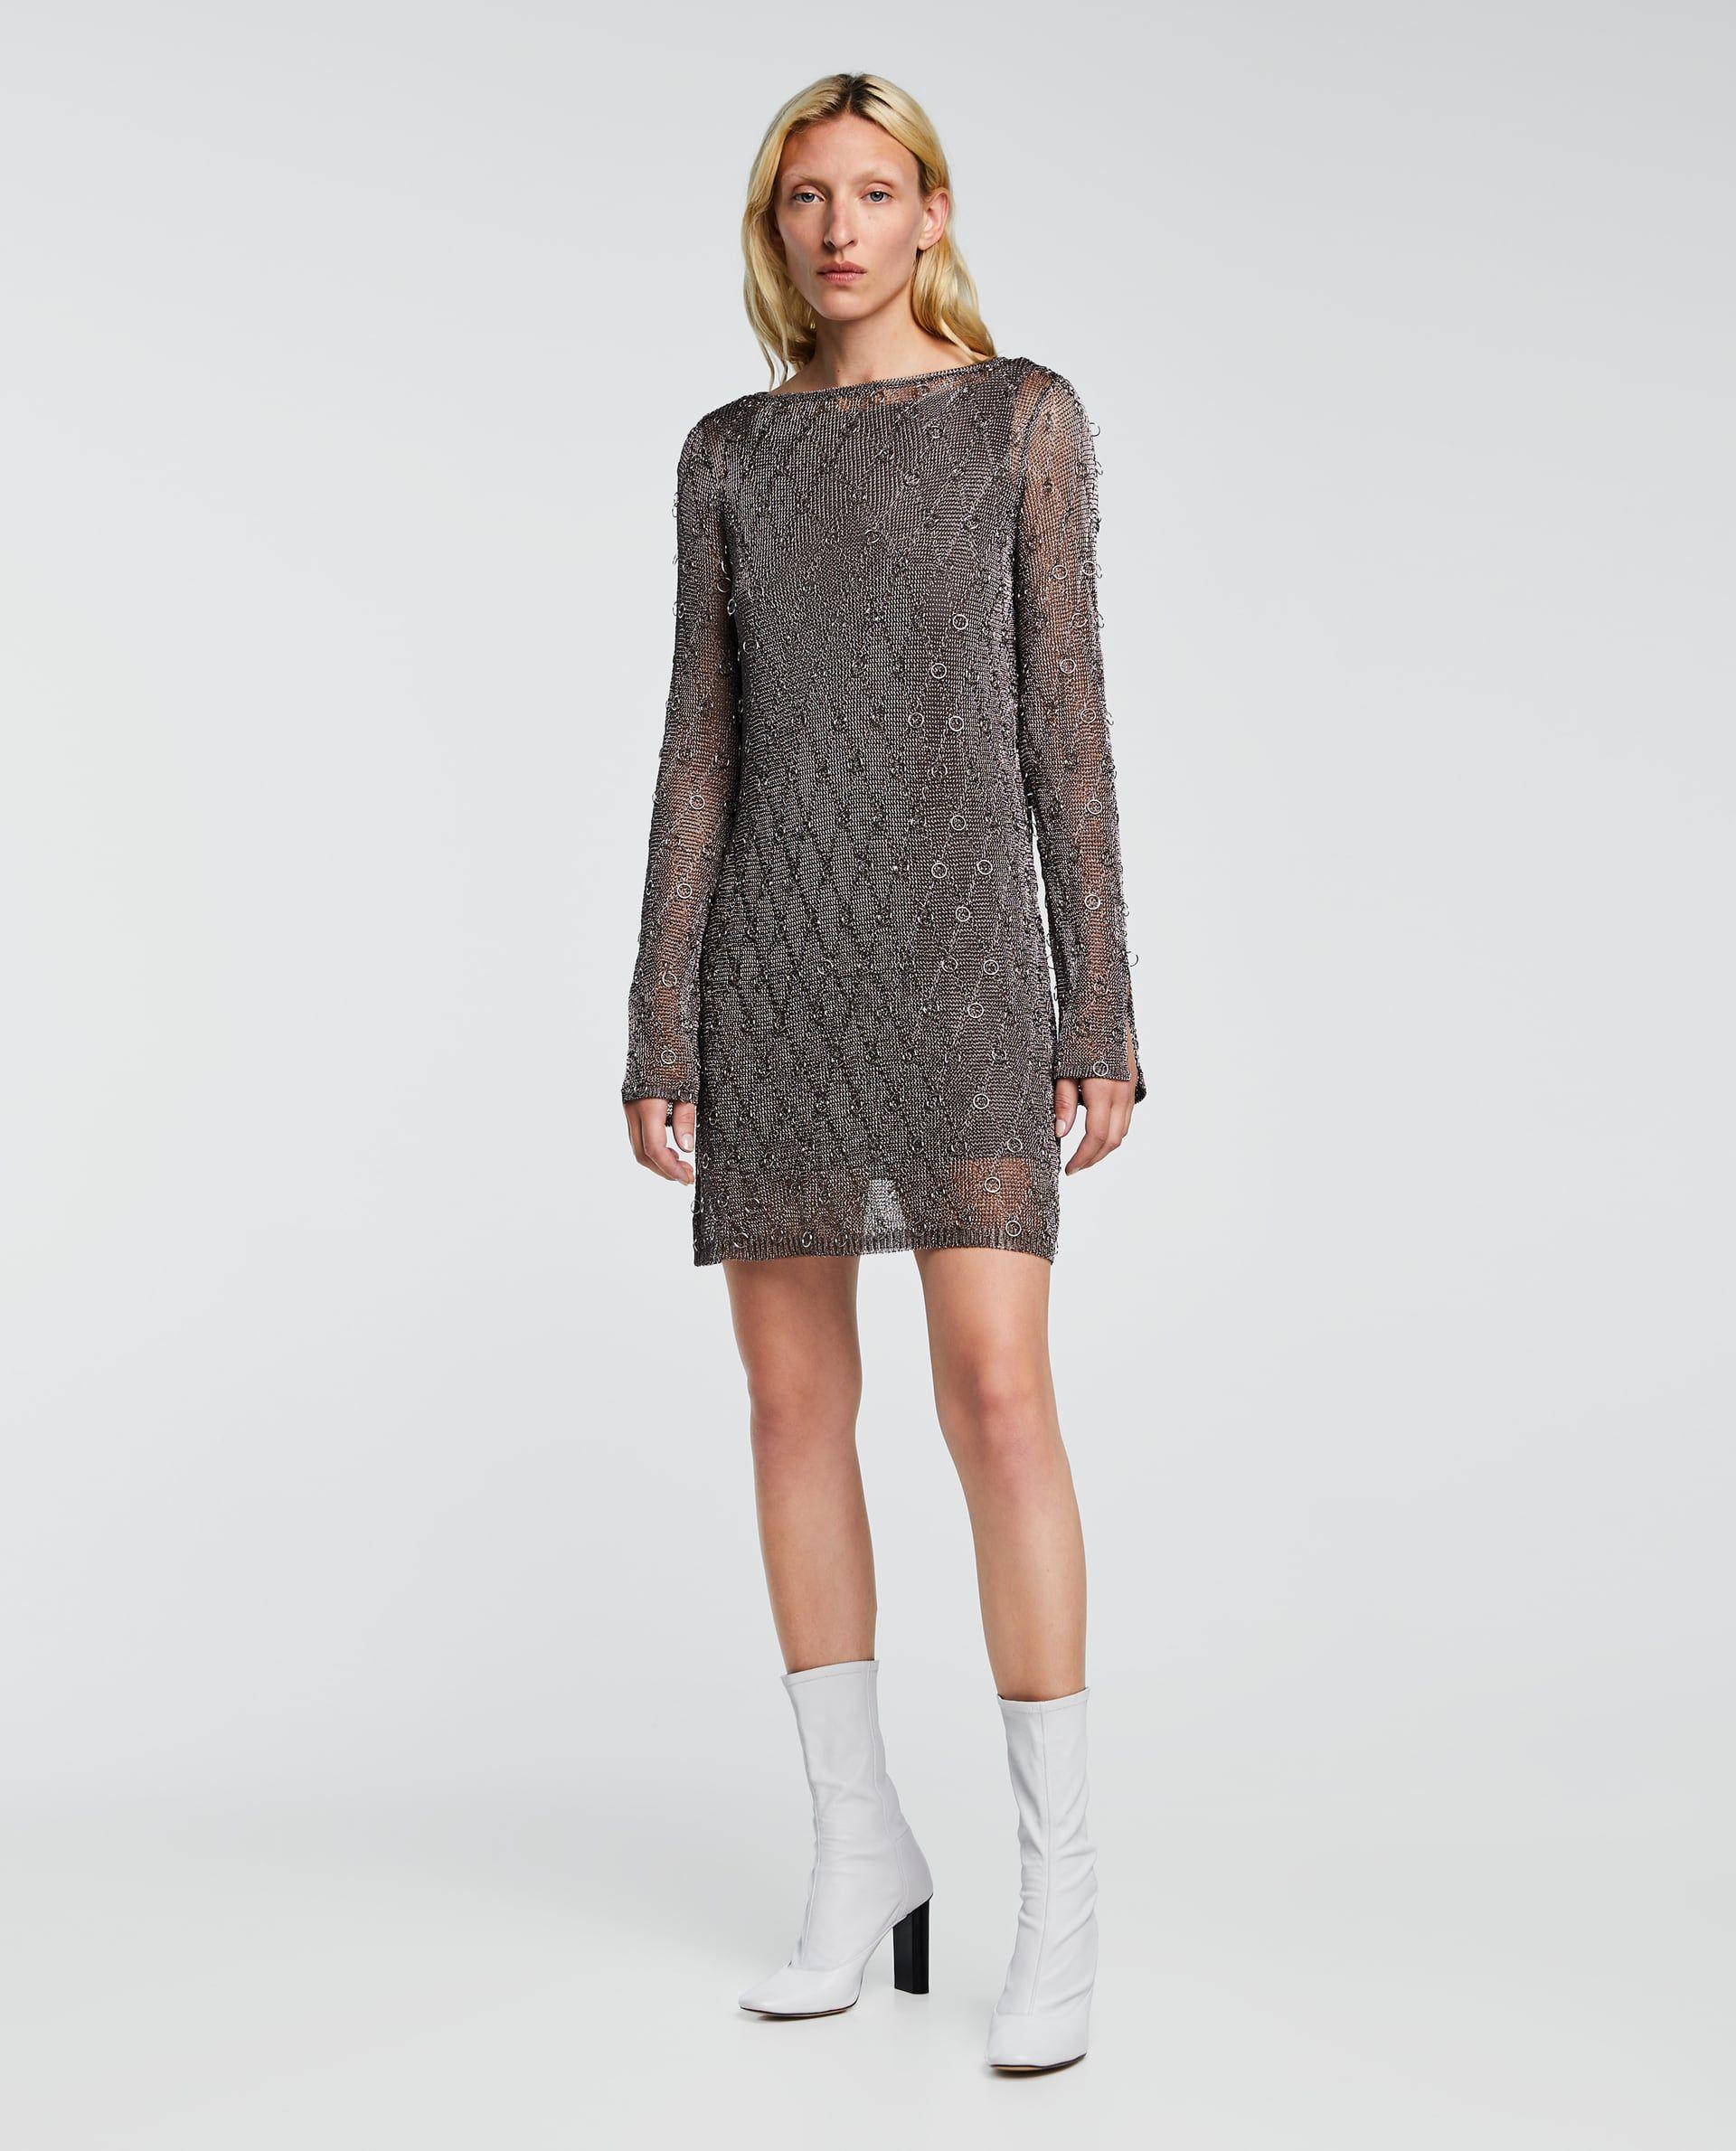 Hilo AnillasZara New Metalizado Fashion Vestido MGLzUVqpS